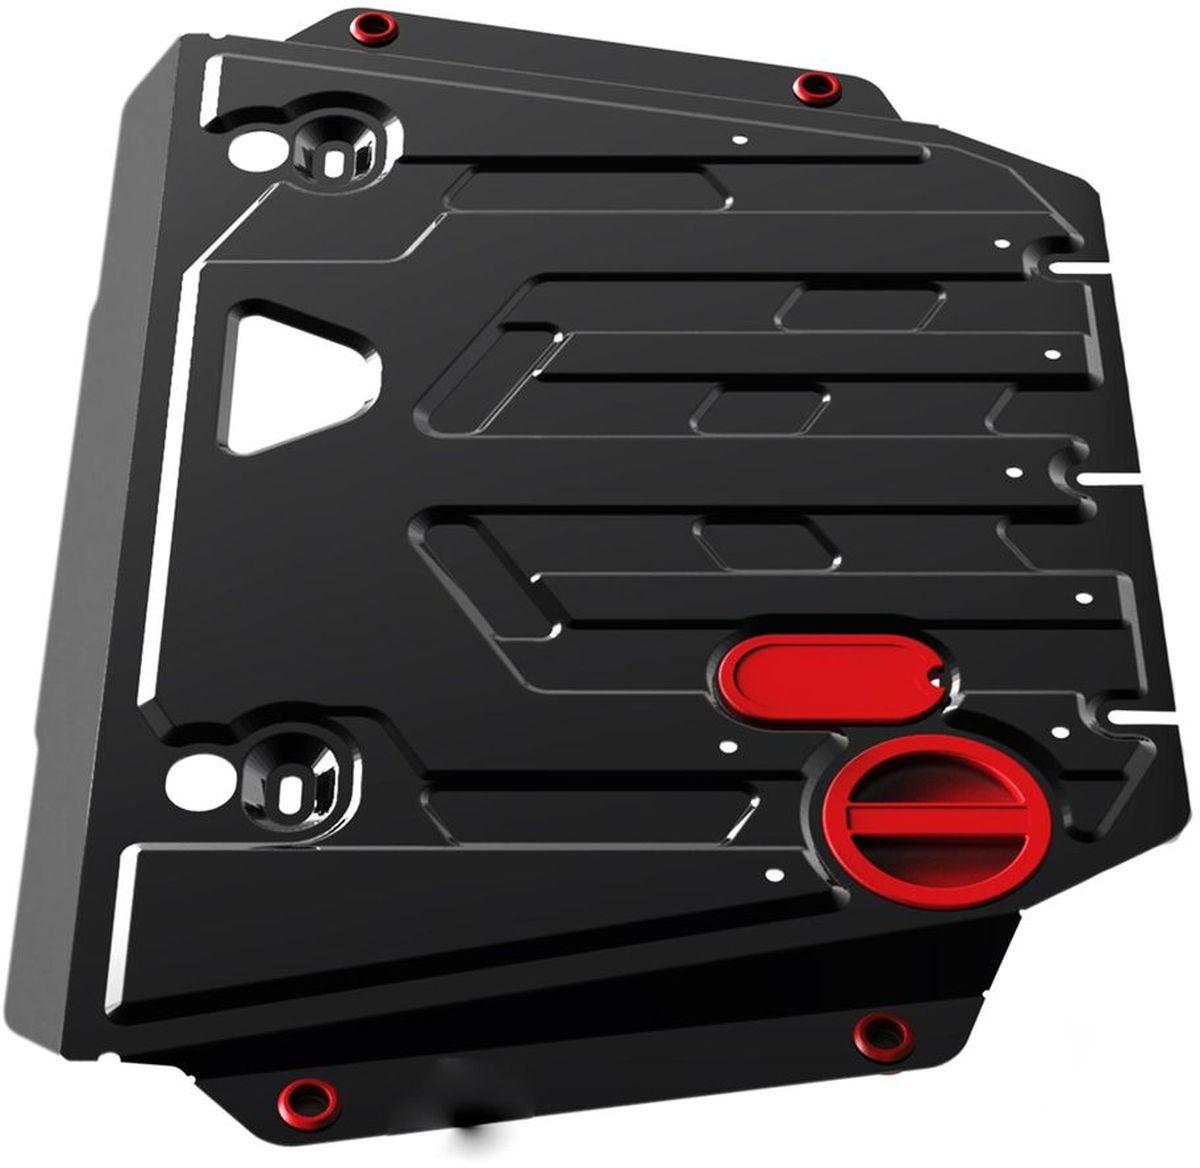 Защита картера и КПП Автоброня, для Kia Sorento 2009, V - 2,2; 2,4 (2009-2012)111.02811.1Технологически совершенный продукт за невысокую стоимость. Защита разработана с учетом особенностей днища автомобиля, что позволяет сохранить дорожный просвет с минимальным изменением. Защита устанавливается в штатные места кузова автомобиля. Глубокий штамп обеспечивает до двух раз больше жесткости в сравнении с обычной защитой той же толщины. Проштампованные ребра жесткости препятствуют деформации защиты при ударах. Тепловой зазор и вентиляционные отверстия обеспечивают сохранение температурного режима двигателя в норме. Скрытый крепеж предотвращает срыв крепежных элементов при наезде на препятствие. Шумопоглощающие резиновые элементы обеспечивают комфортную езду без вибраций и скрежета металла, а съемные лючки для слива масла и замены фильтра - экономию средств и время. Конструкция изделия не влияет на пассивную безопасность автомобиля (при ударе защита не воздействует на деформационные зоны кузова). Со штатным крепежом. В комплекте инструкция по установке....